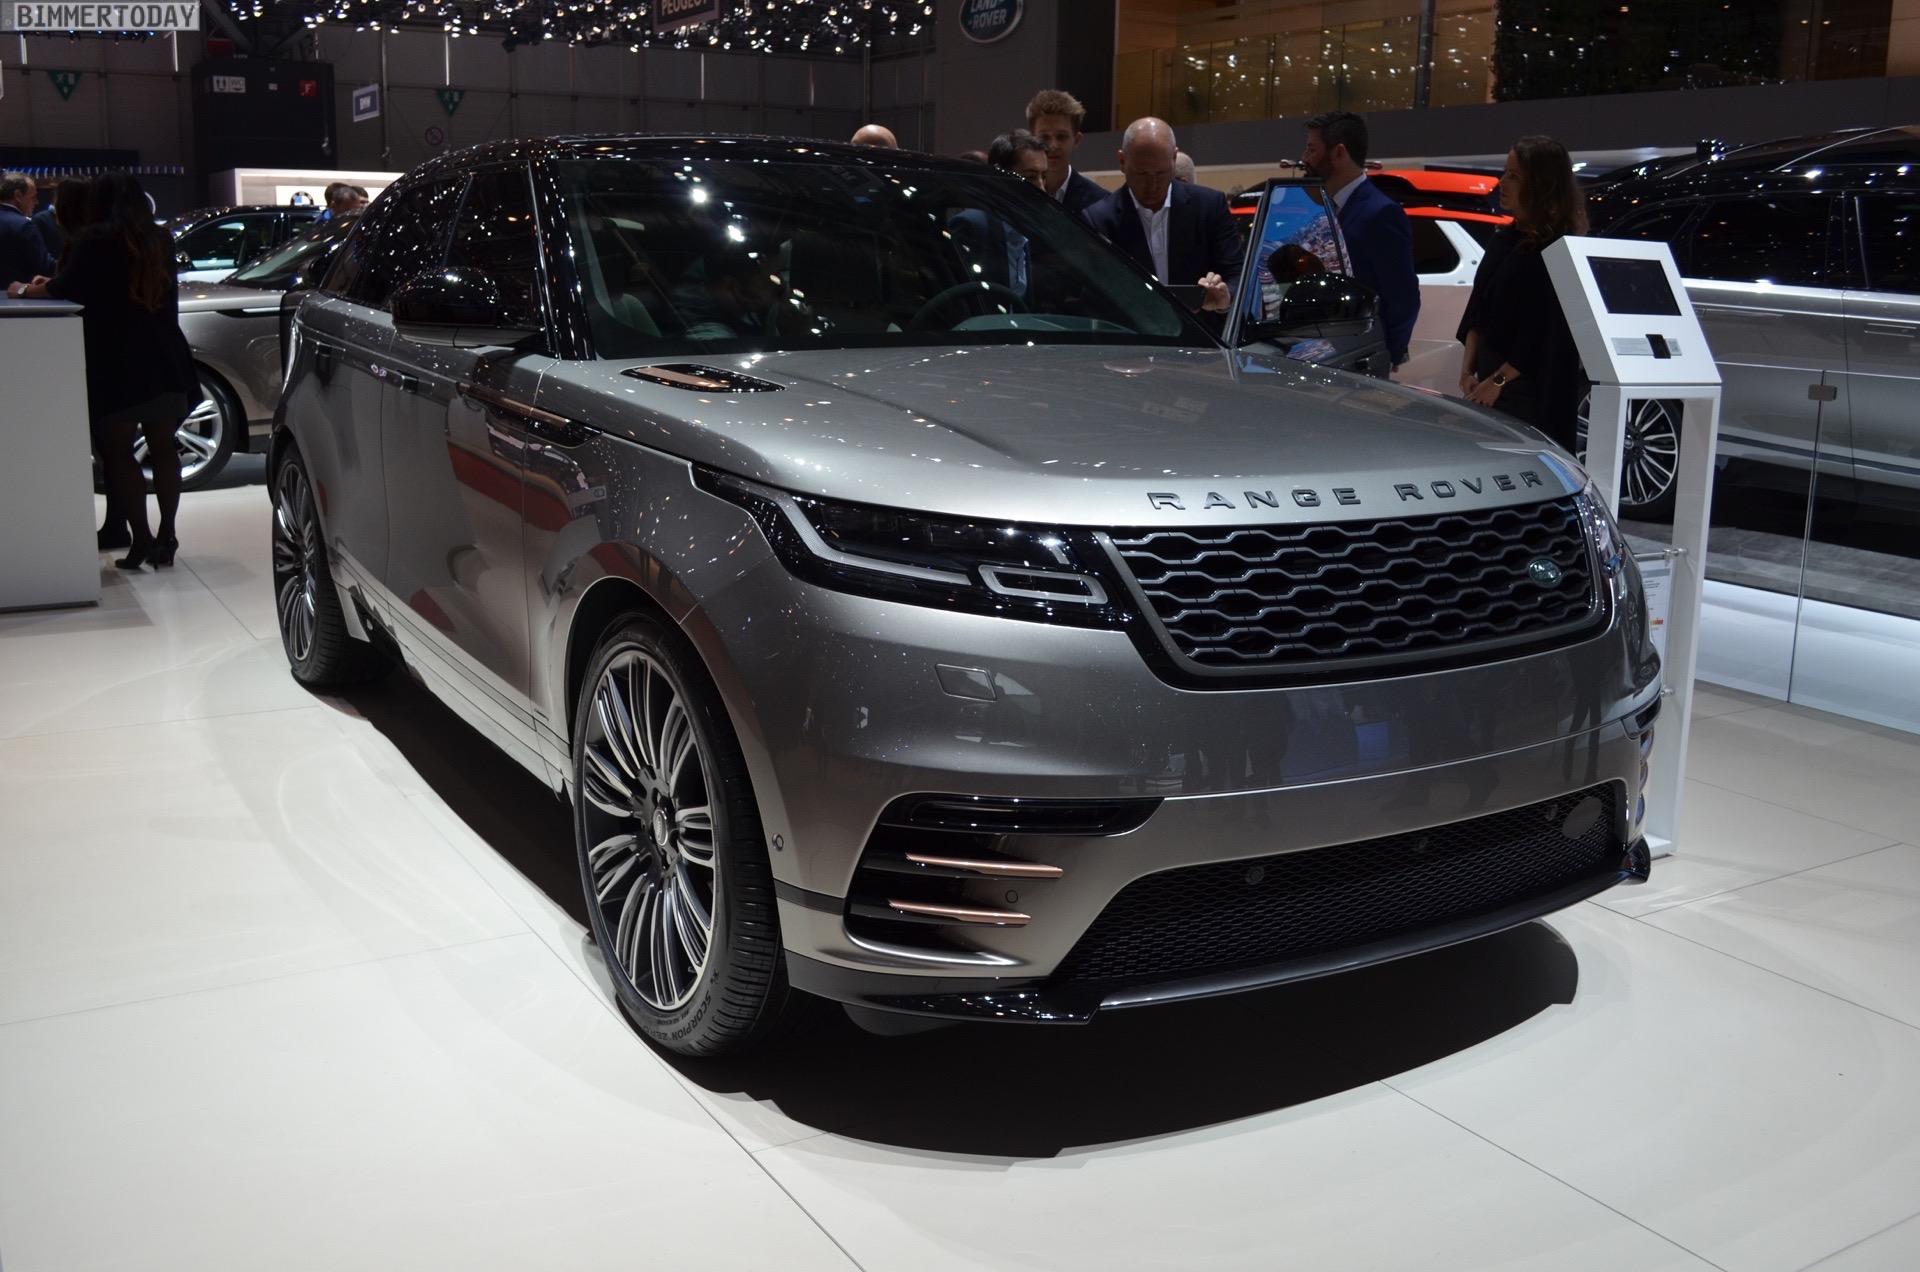 Range Rover Velar Comes To Geneva To Challenge The Bmw X5